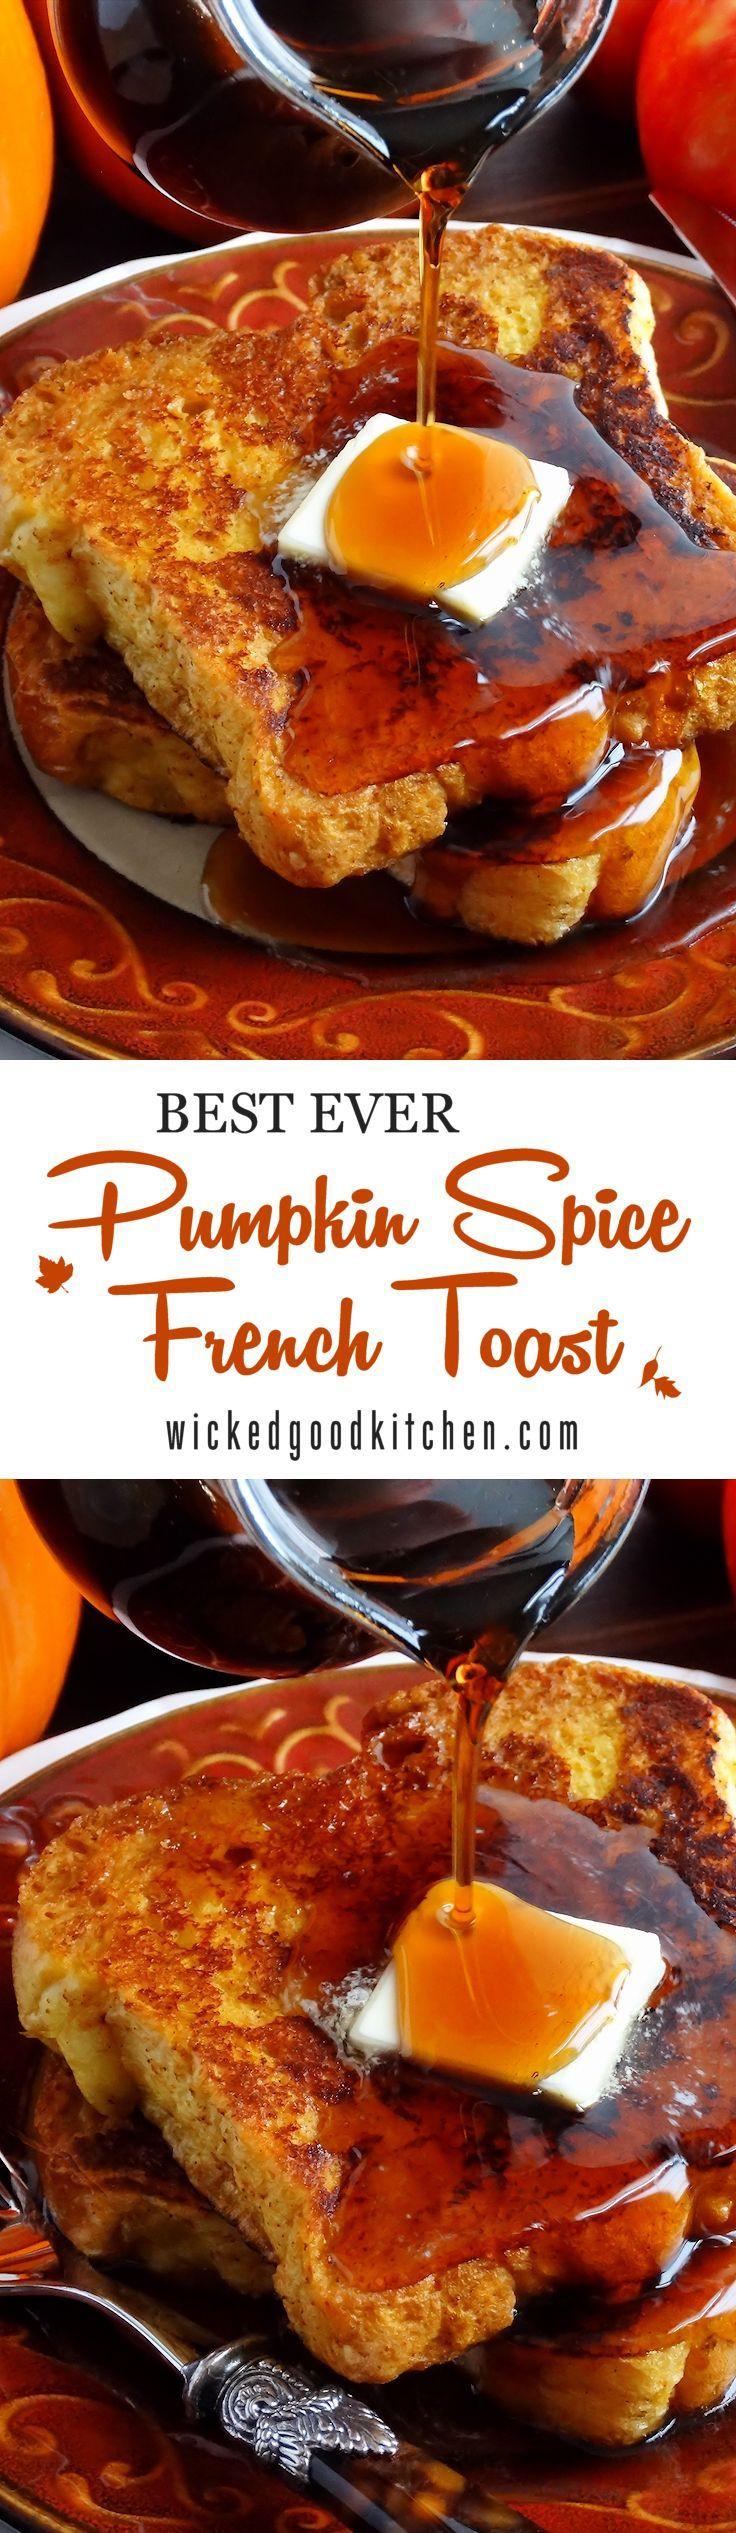 Pumpkin Breakfast Recipes  28 best images about Breakfast on Pinterest